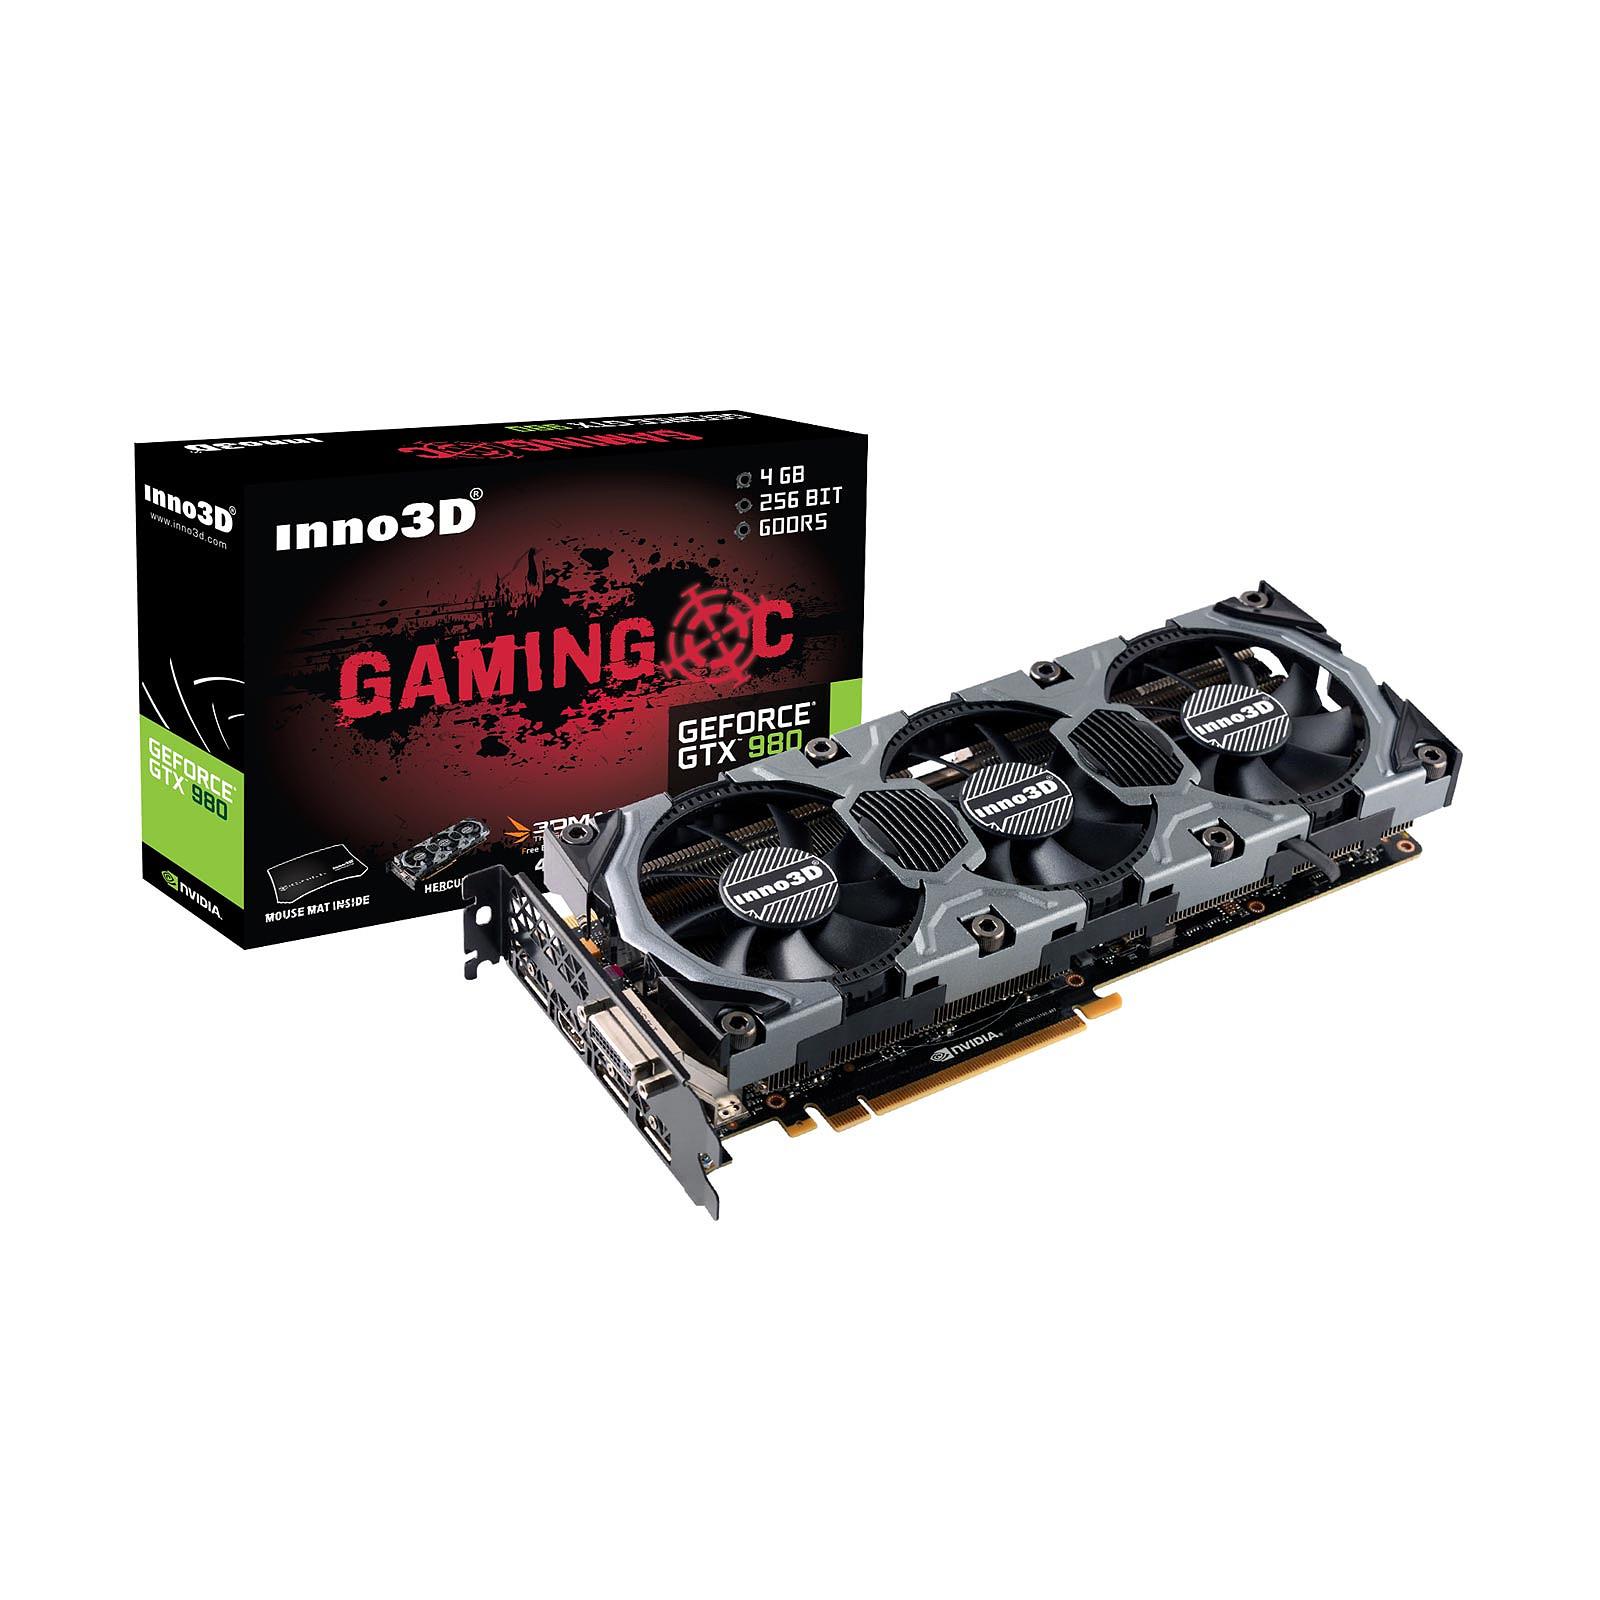 Inno3D N98V-1SDN-M5DNX GeForce GTX 980 4GB OC